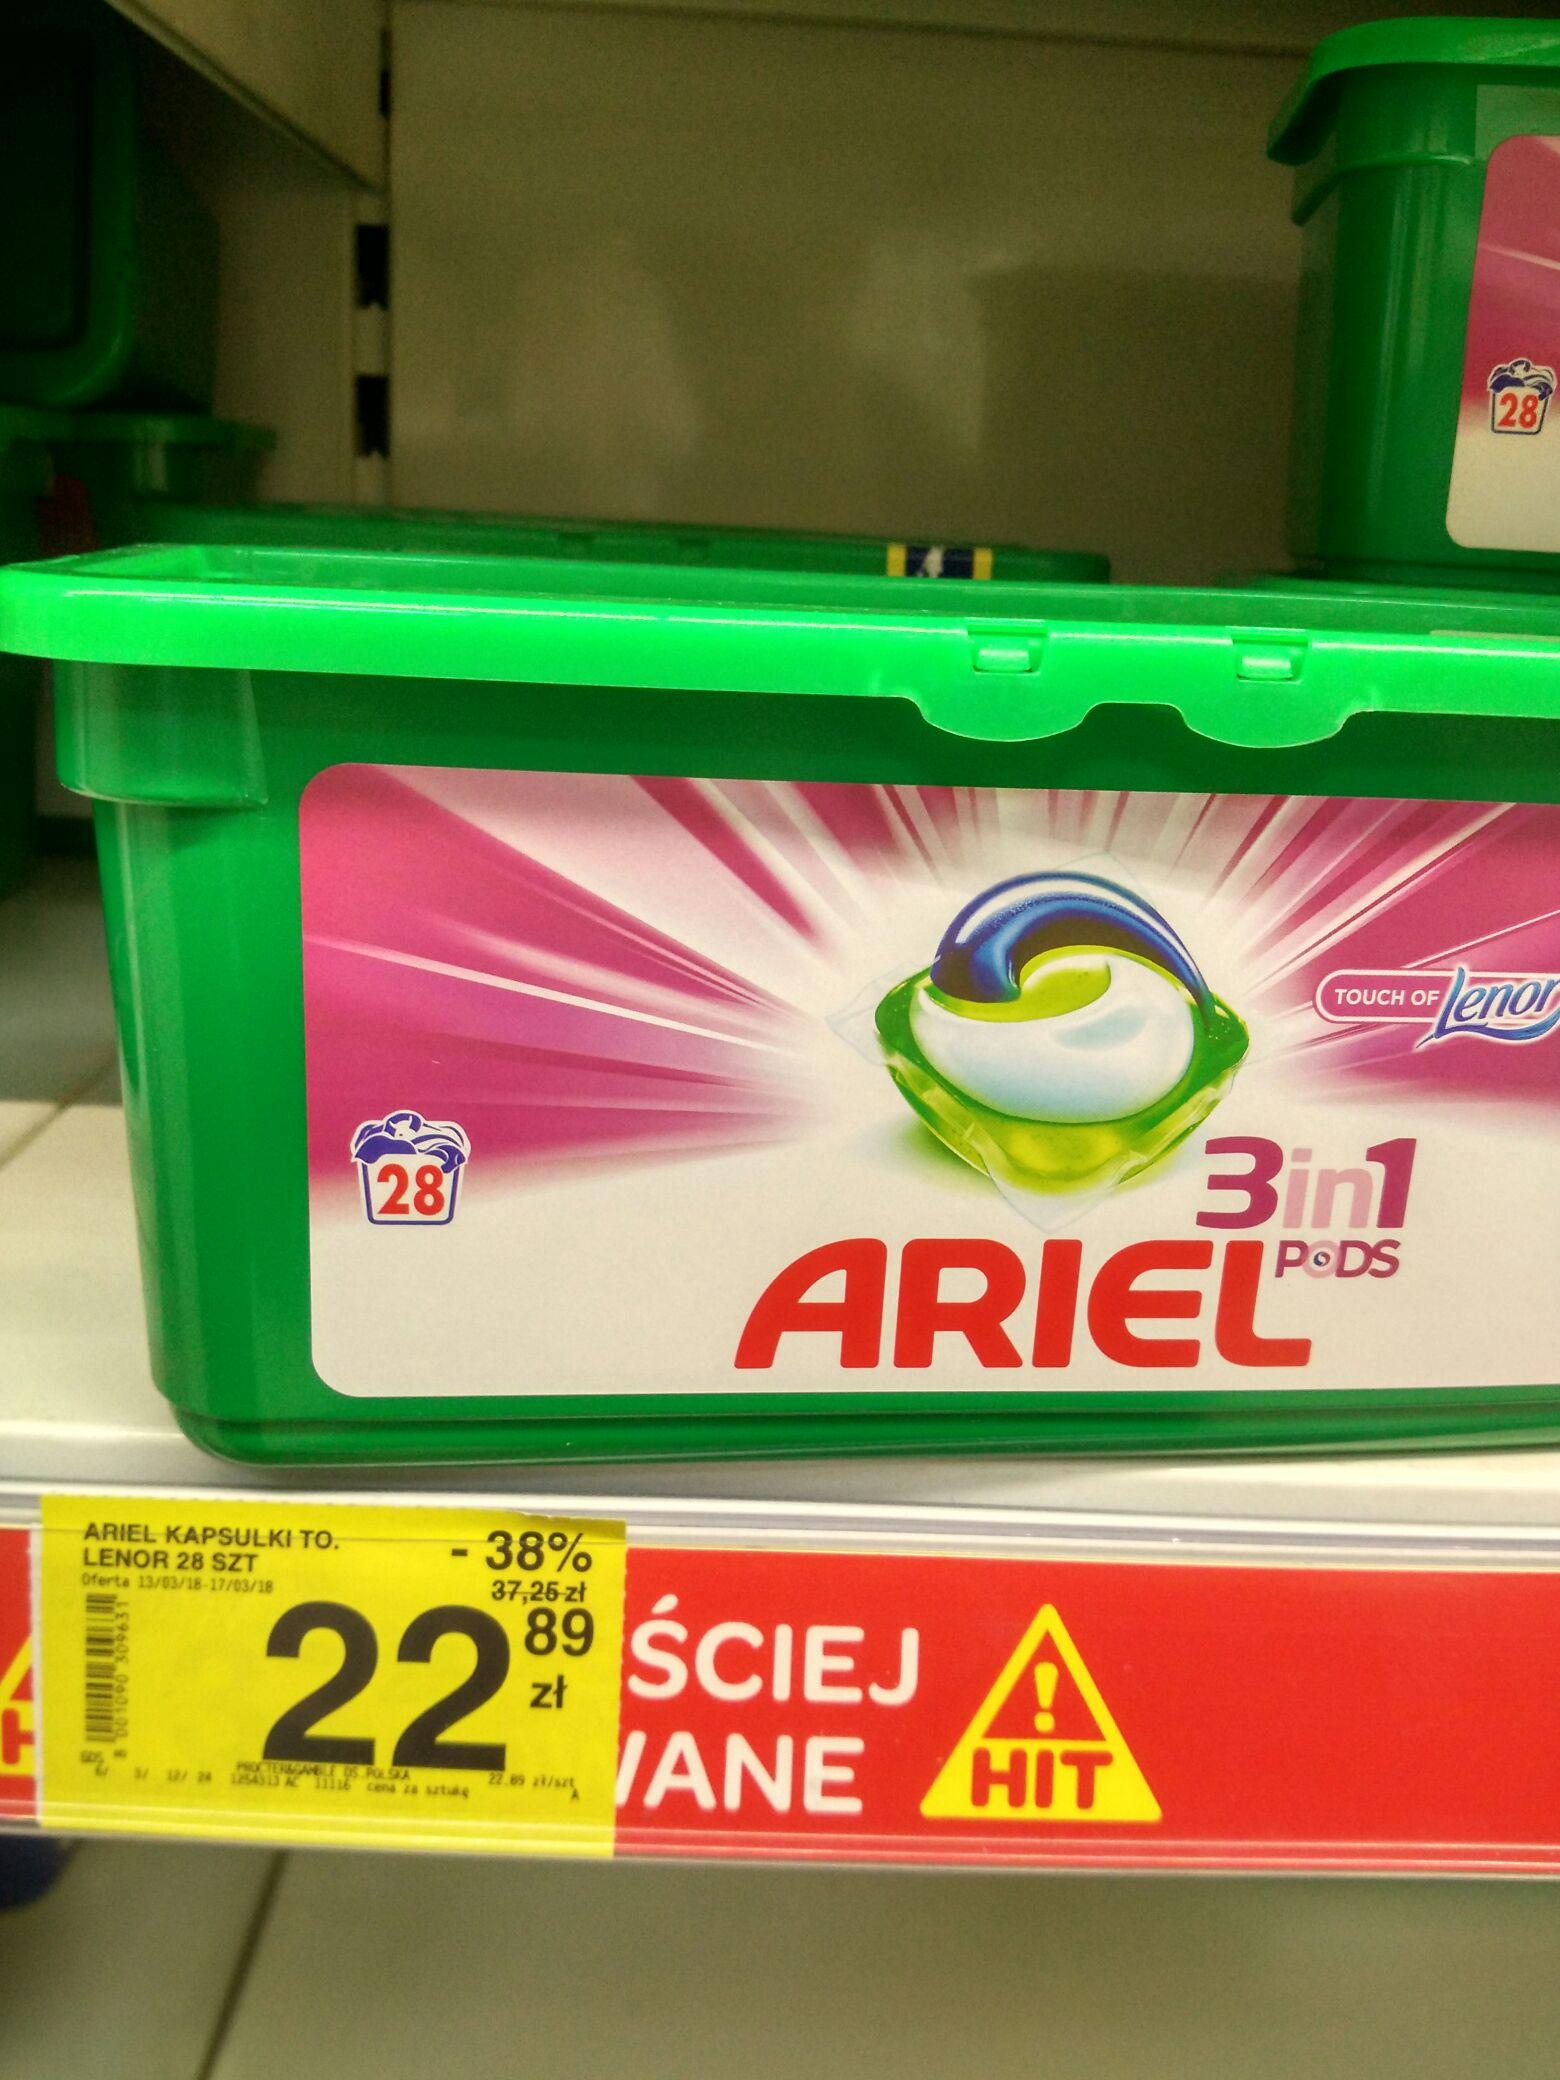 Ariel - kapsułki do prania 28 szt za 22.89zł